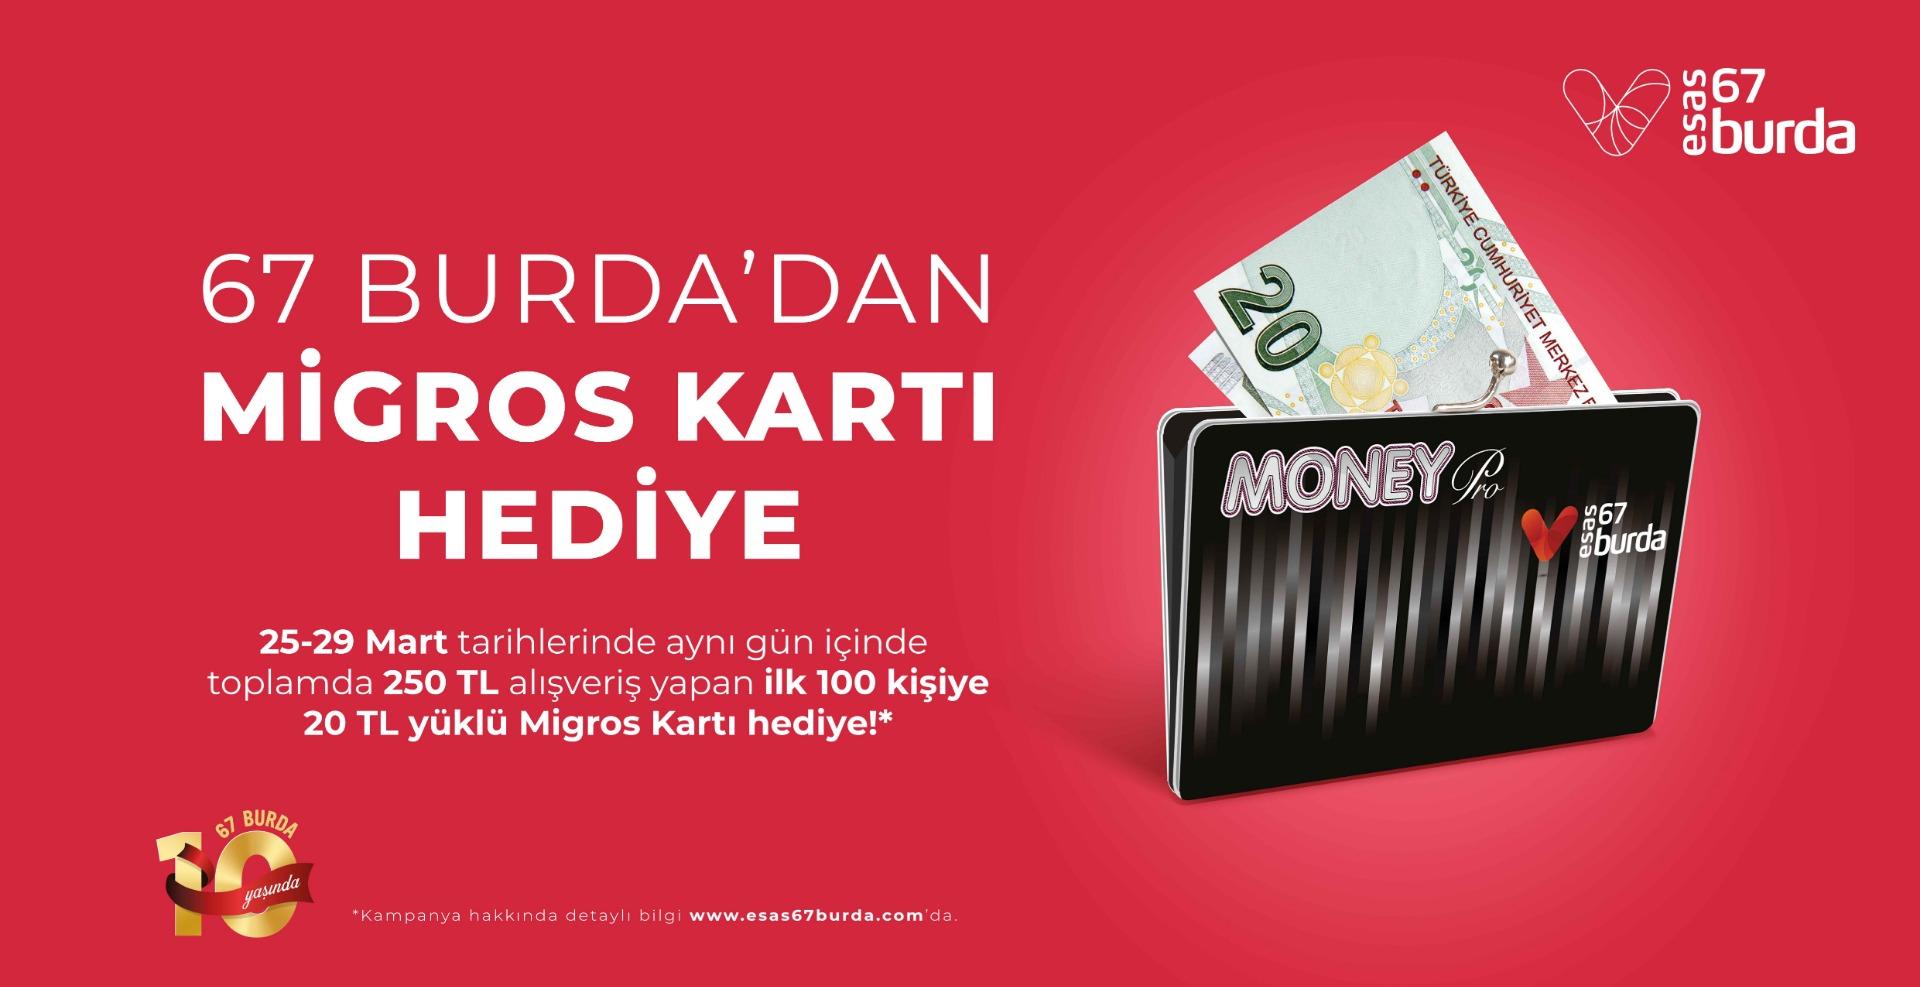 Esas 67 Burda AVM ve Migros'tan özel kampanya